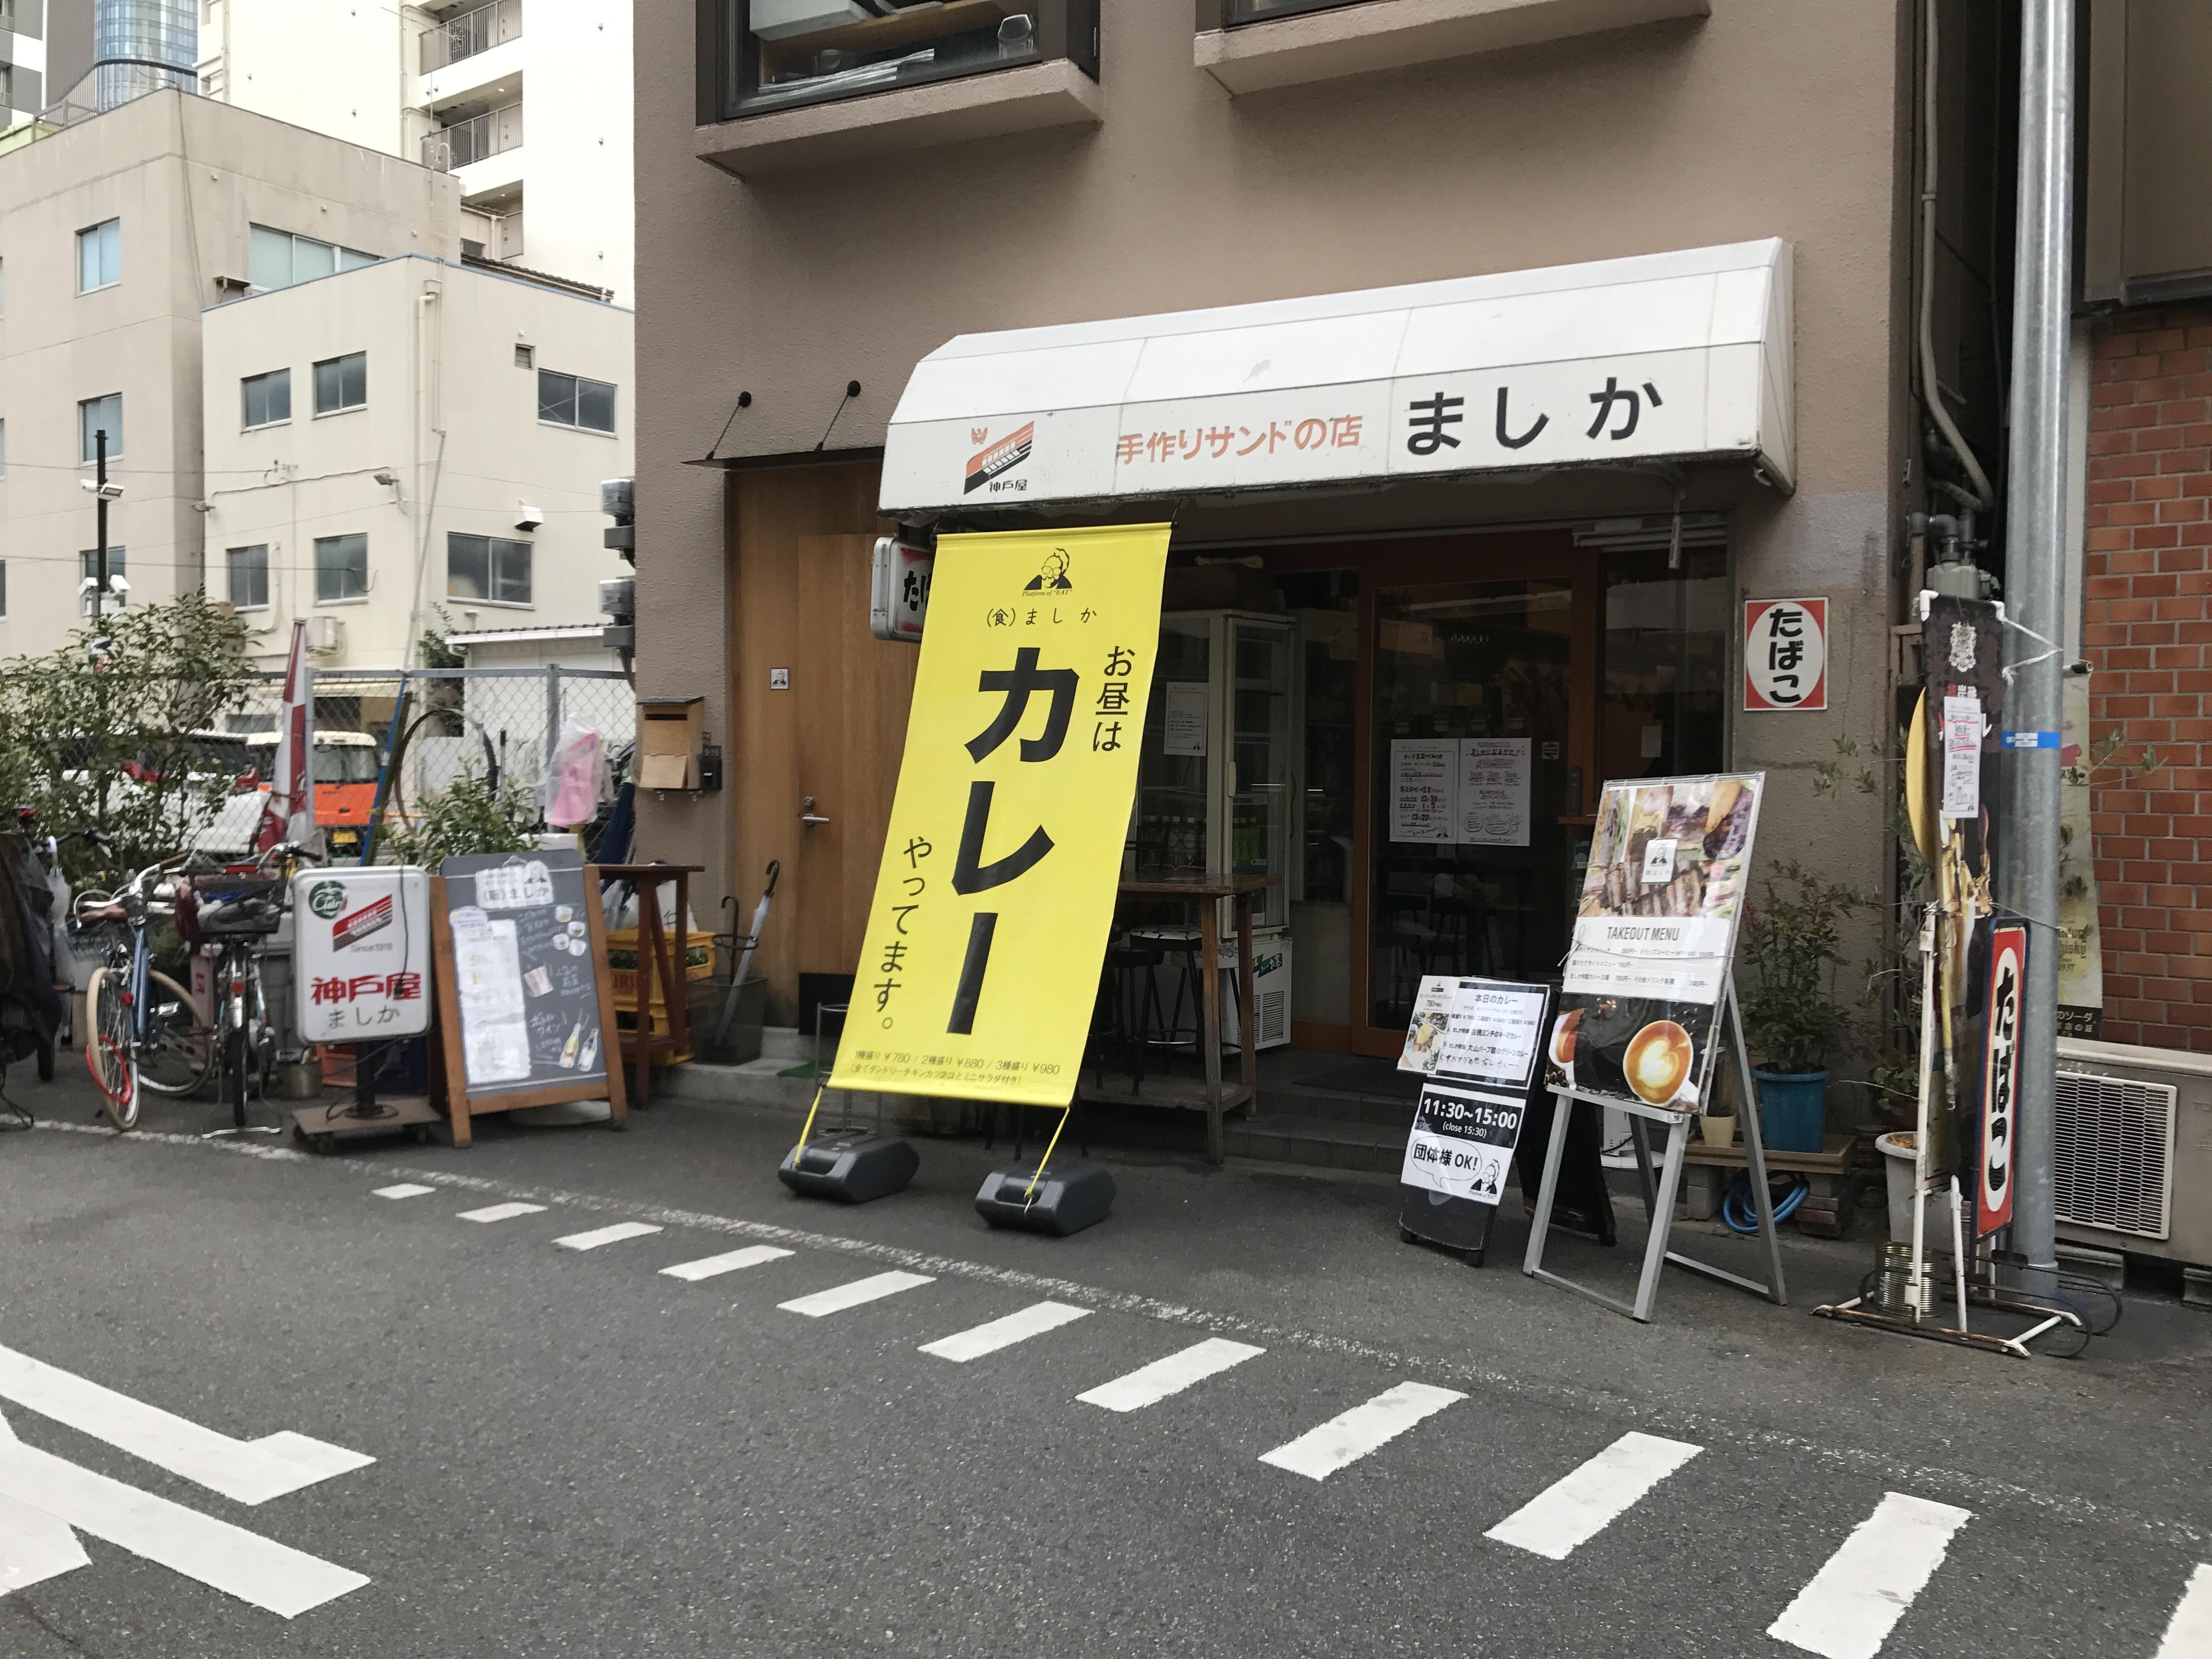 20171215110019401.jpg